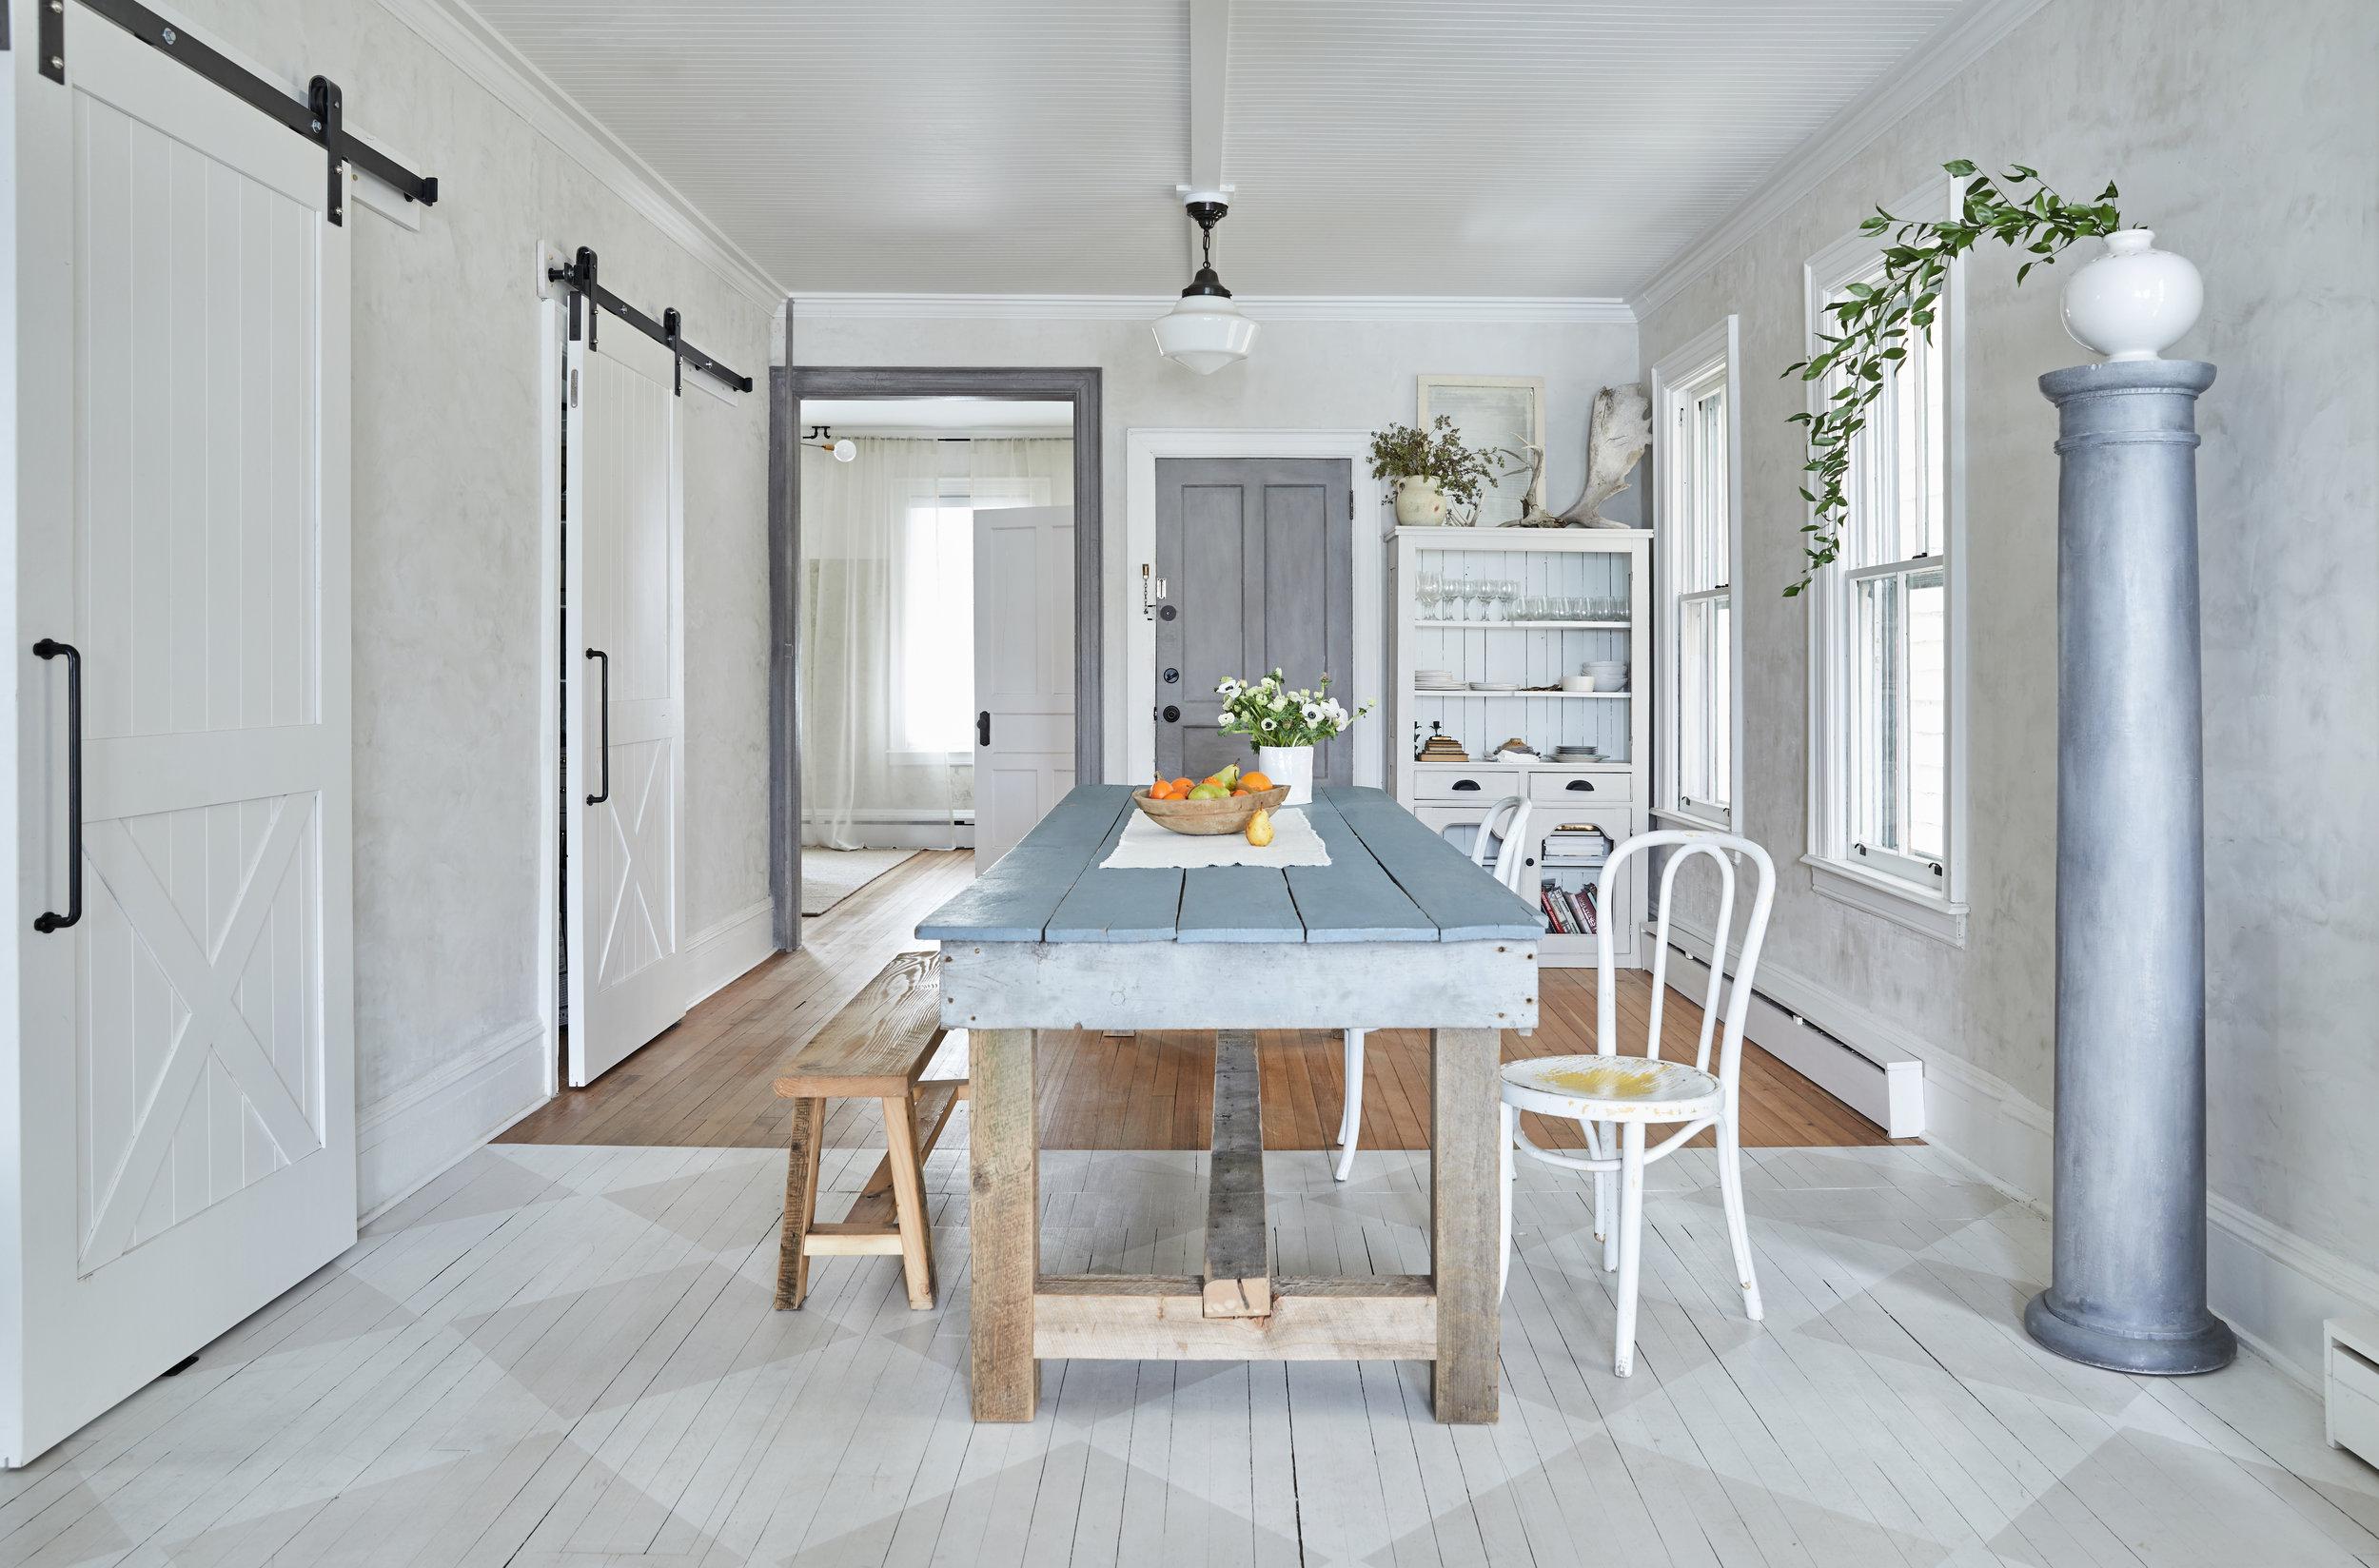 our 10 foot long, custom farm table seats 10-12